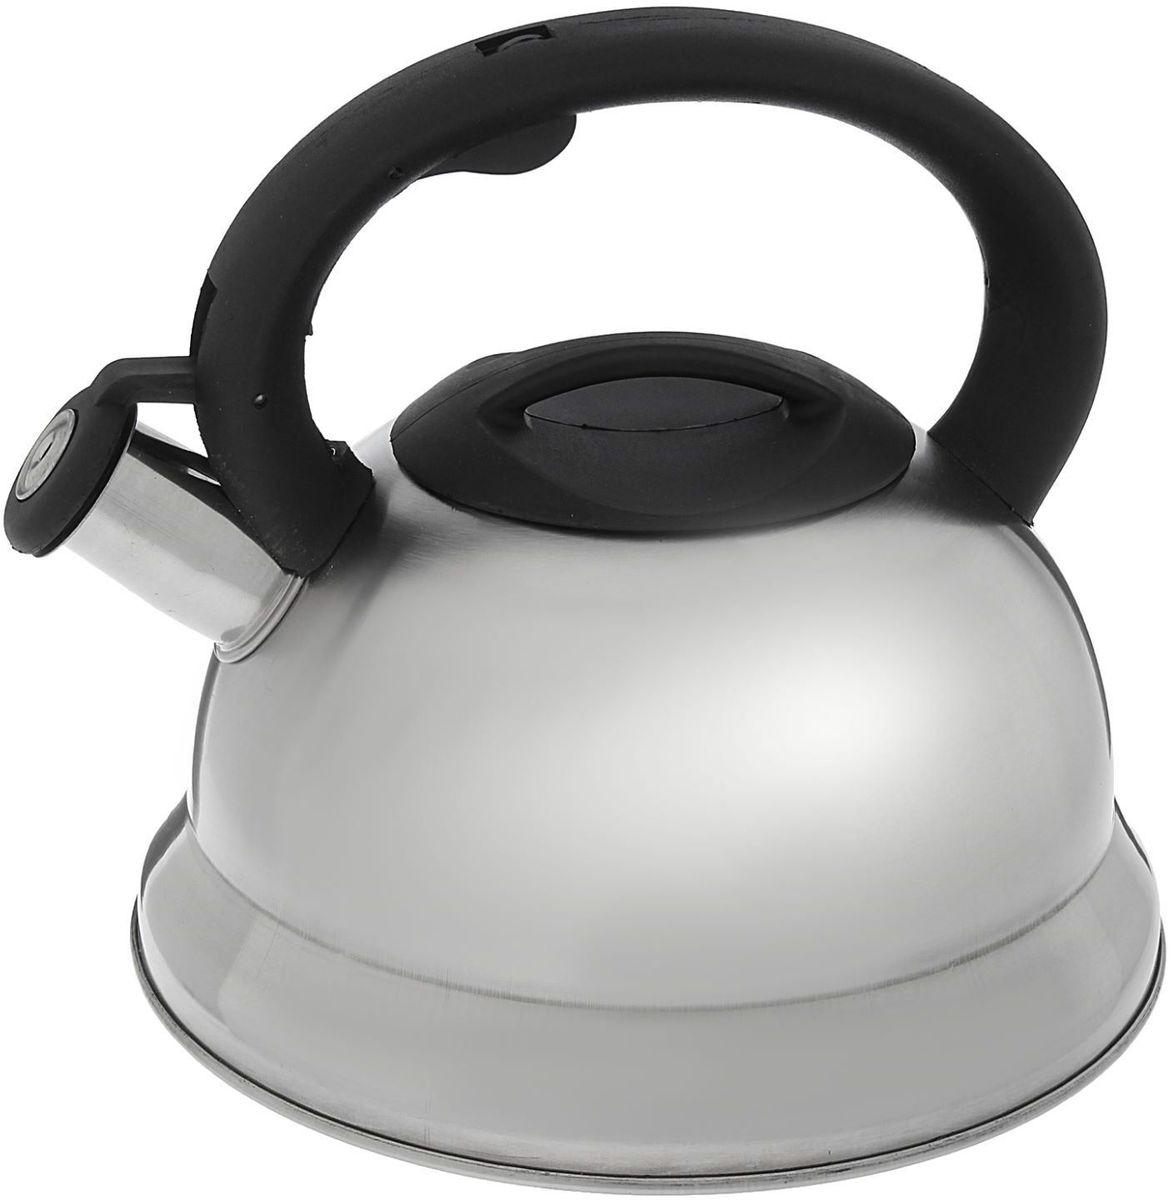 Чайник Доляна Рио, со свистком, 2,8 л. 1405203VT-1520(SR)Чайник Доляна Рио выполнен из высококачественной нержавеющей стали с матовой полировкой. Материал изделия отличается неприхотливостью в уходе, безукоризненной функциональностью, гигиеничностью и стойкостью к коррозии. Чайники из нержавеющей стали абсолютно безопасны для здоровья человека. Благодаря низкой теплопроводности и оптимальному соотношению дна и стенок вода дольше остается горячей, а качественное дно гарантирует быстрый нагрев. Чайник при кипячении сохраняет все полезные свойства воды. Чайник снабжен фиксированной пластиковой ручкой. Удобная ручка не нагревается, и поэтому вероятность ожогов сводится к минимуму. Свисток на носике чайника громко оповестит, когда закипела вода. Свисток открывается нажатием кнопки на рукоятке. Подходит для газовых, электрических, стеклокерамических, галогеновых, индукционных плит. Рекомендуется ручная мойка.